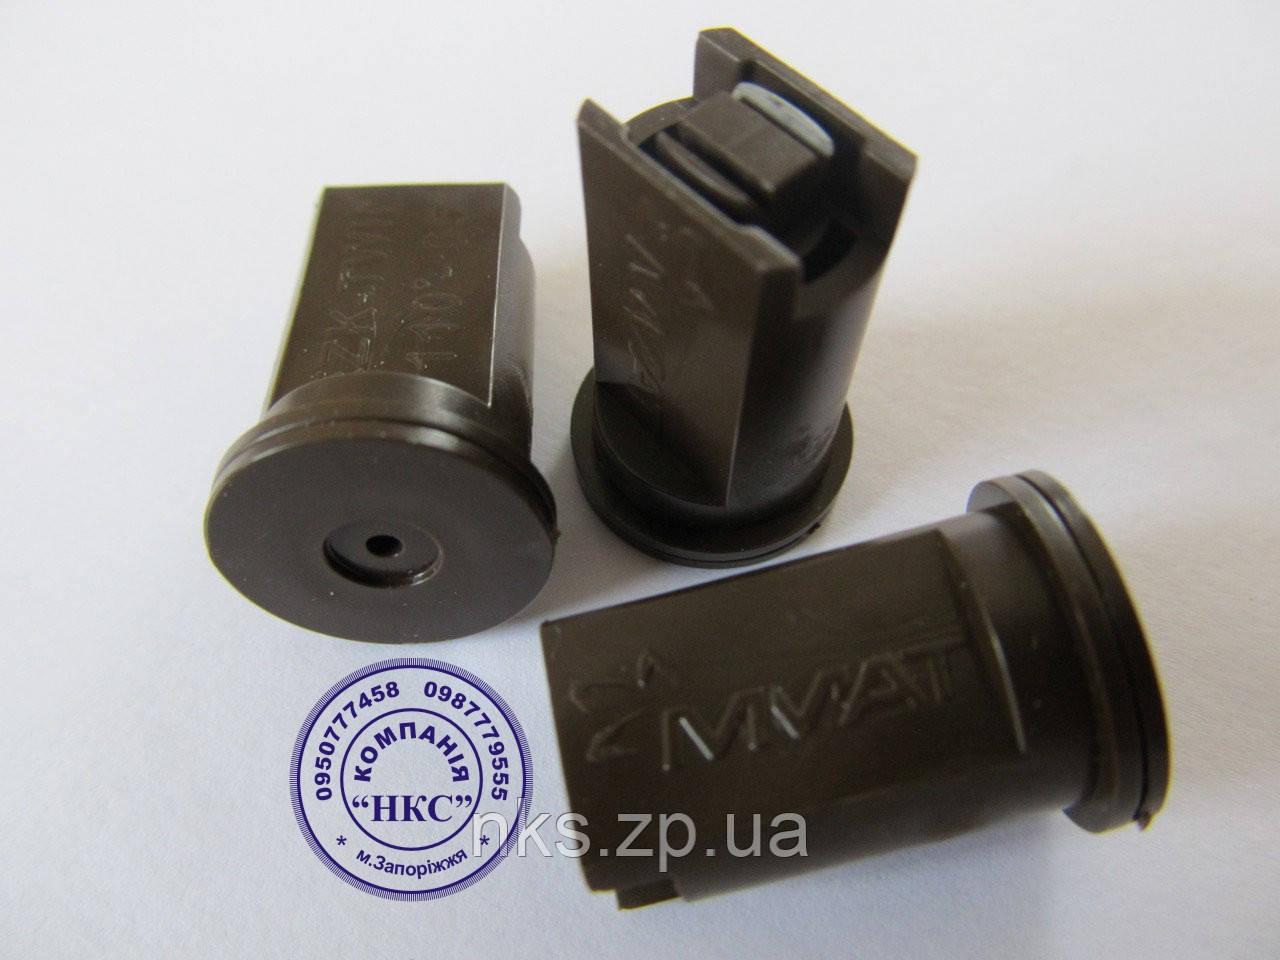 """Распылитель двухструйный инжекторный 05 коричневый """"ММАТ""""."""